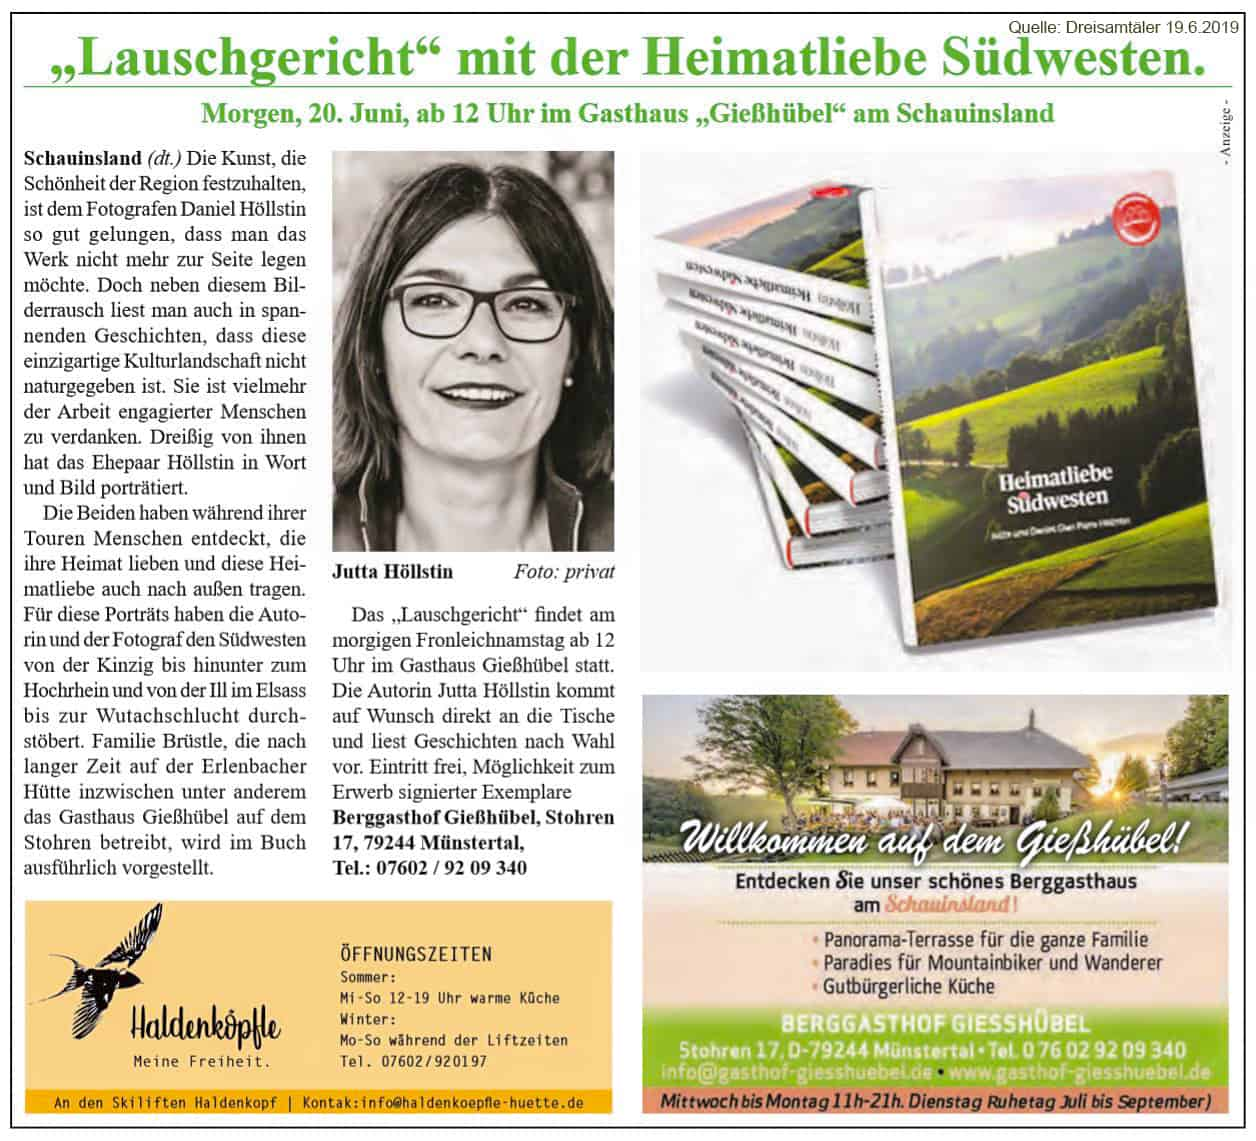 Zu Gast mit Lauschgeschichten im Gasthof Gießhübel am Schauinsland